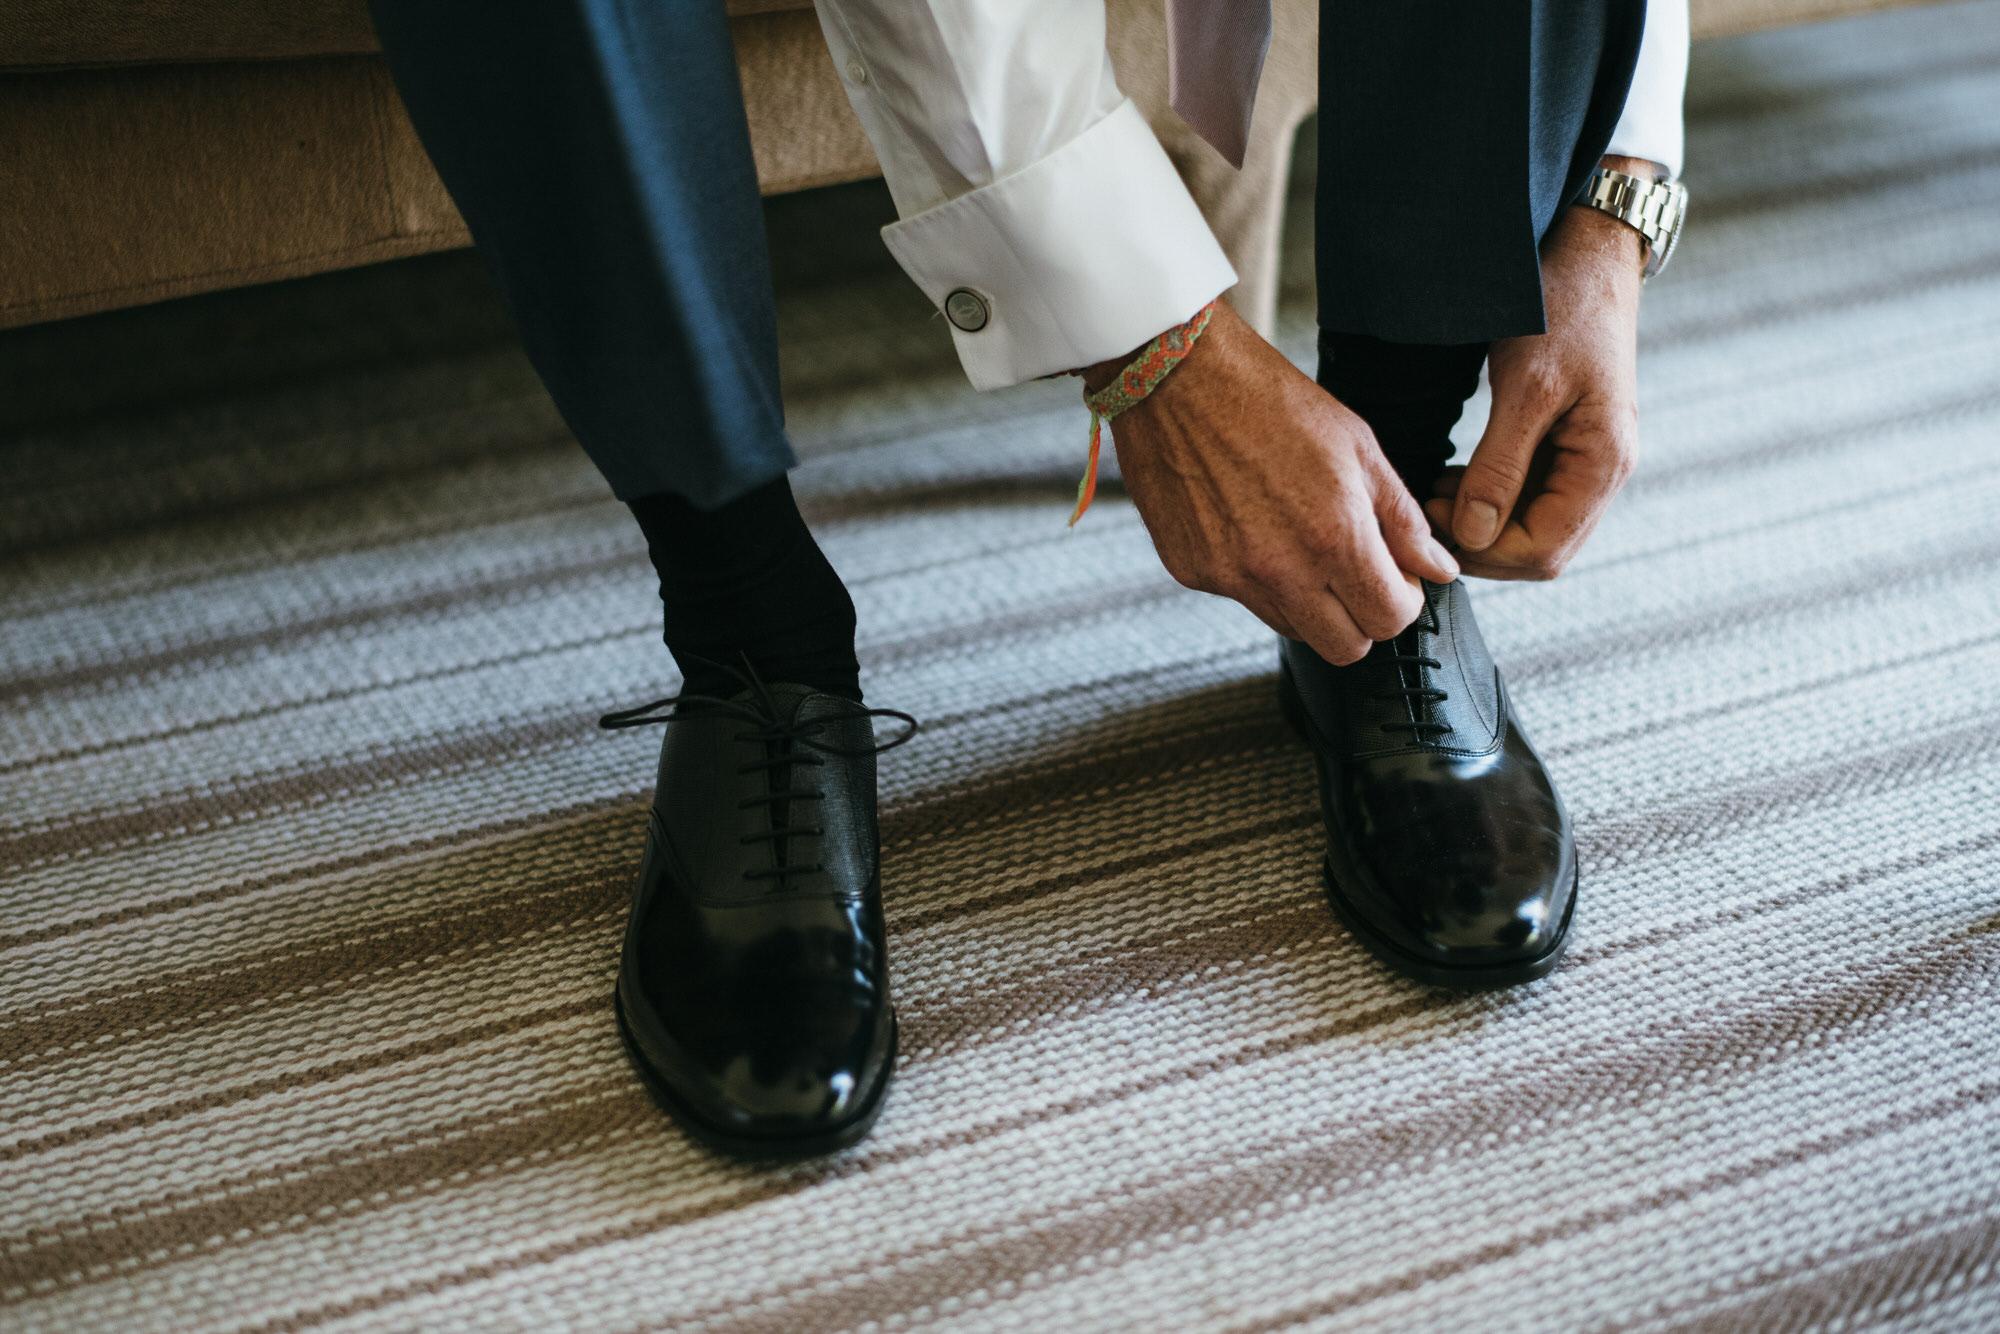 Groom ties shoelaces